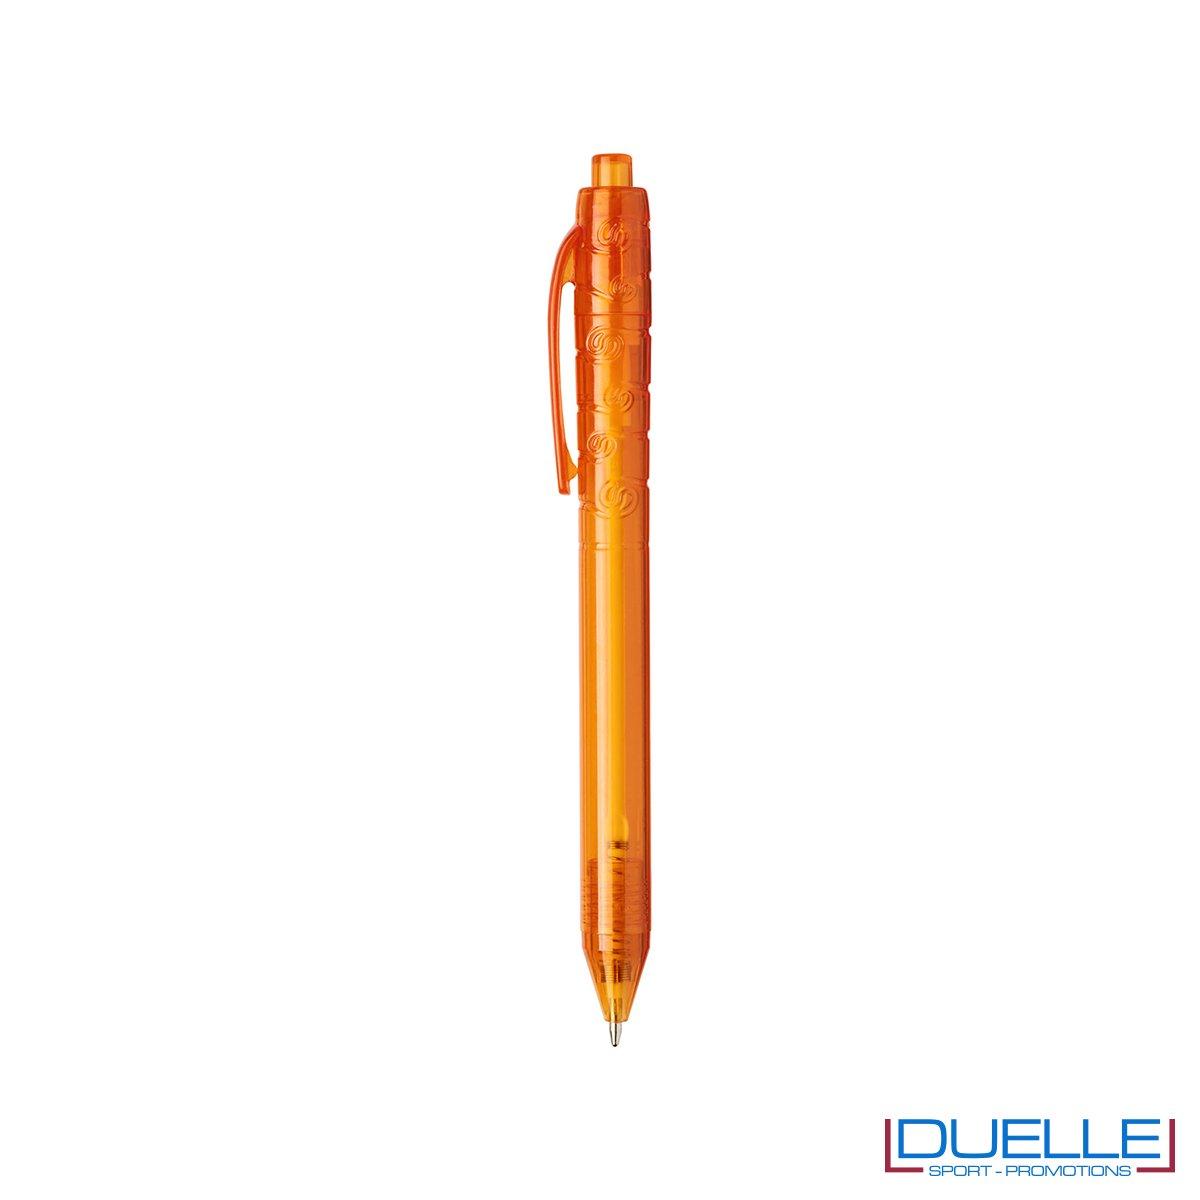 Penna in plastica PET colore arancione trasparente personalizzata con stampe